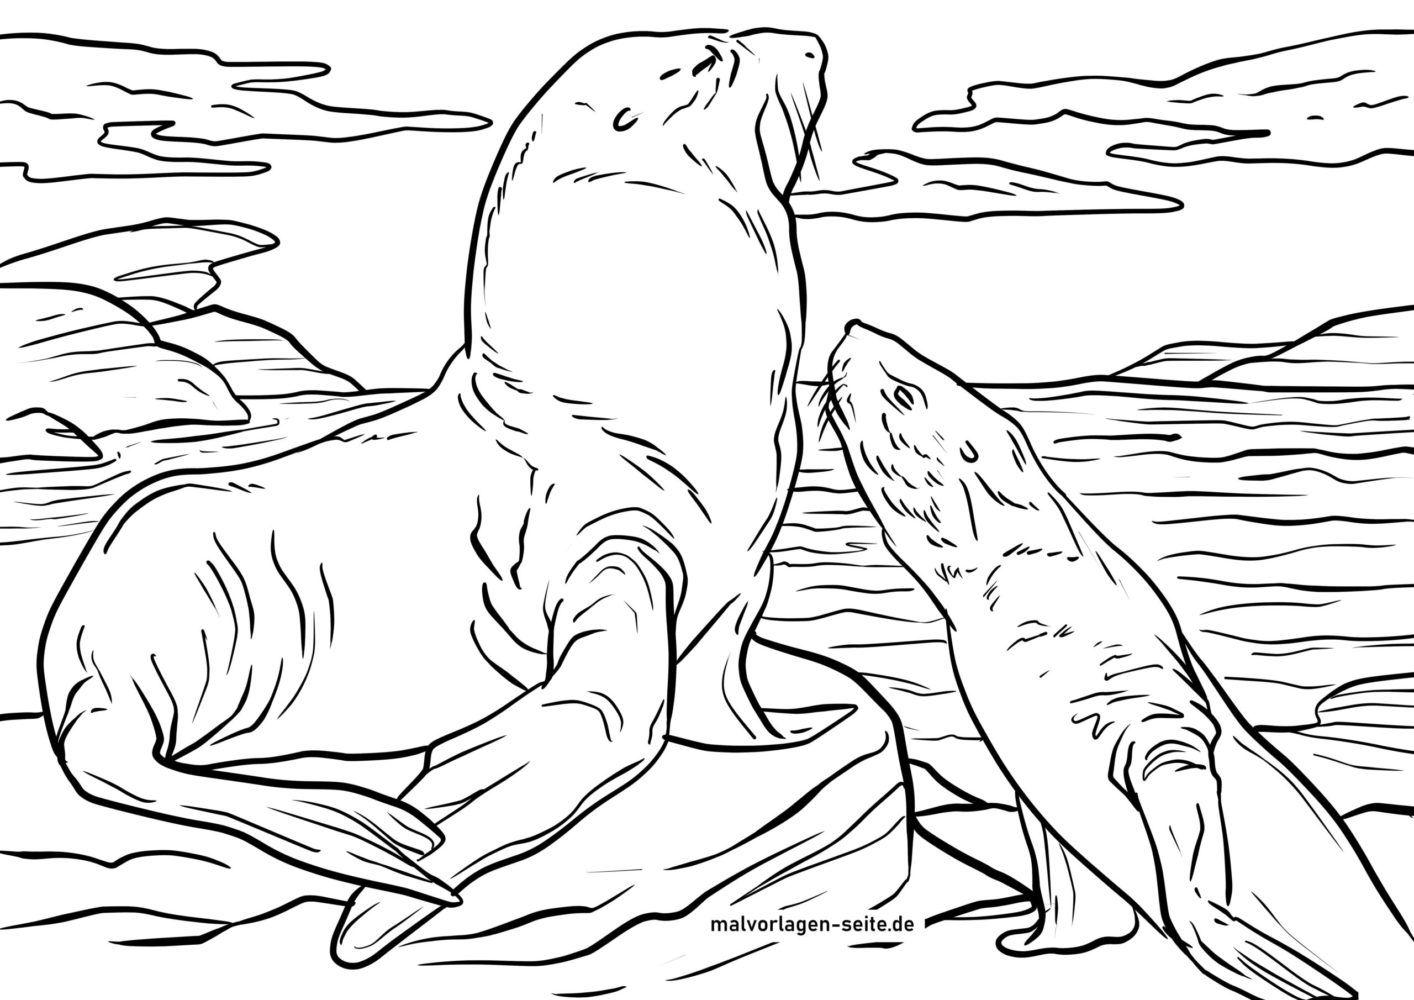 Գունազարդման էջը ծովի առյուծը